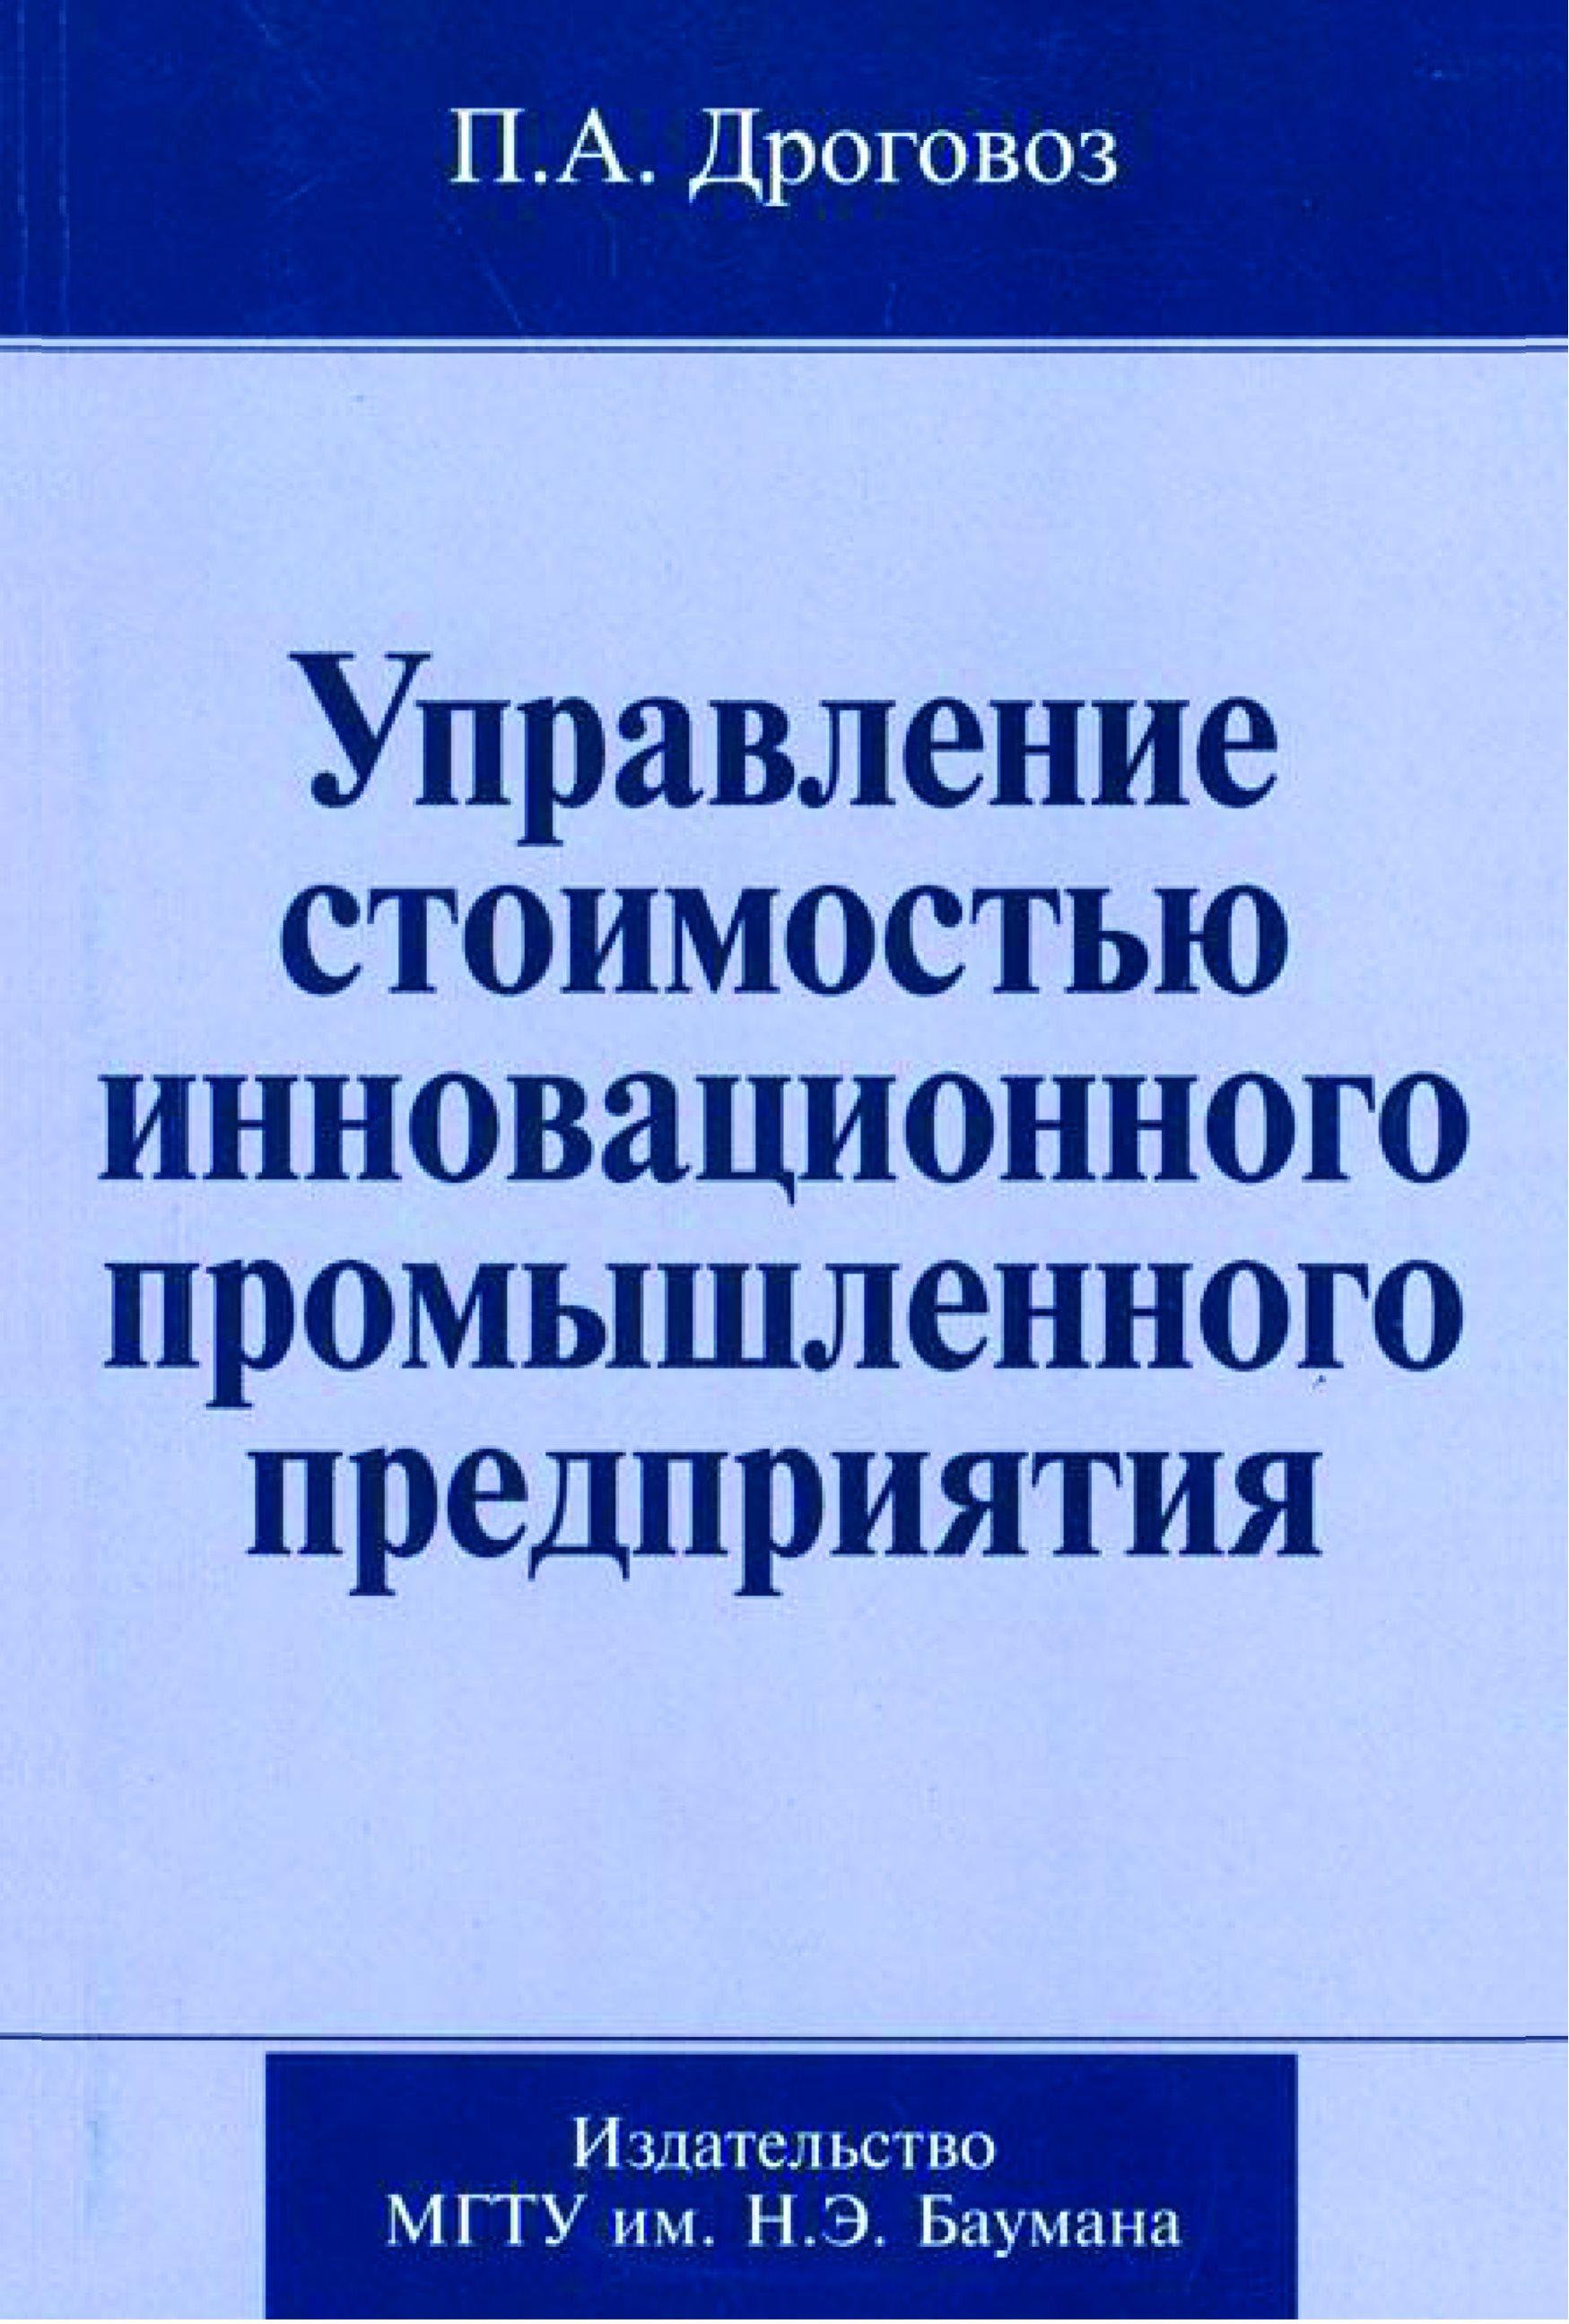 Павел Дроговоз Управление стоимостью инновационного промышленного предприятия наталья лаврухина стоимостная концепция и оценочные технологии управления инновационными предприятиями